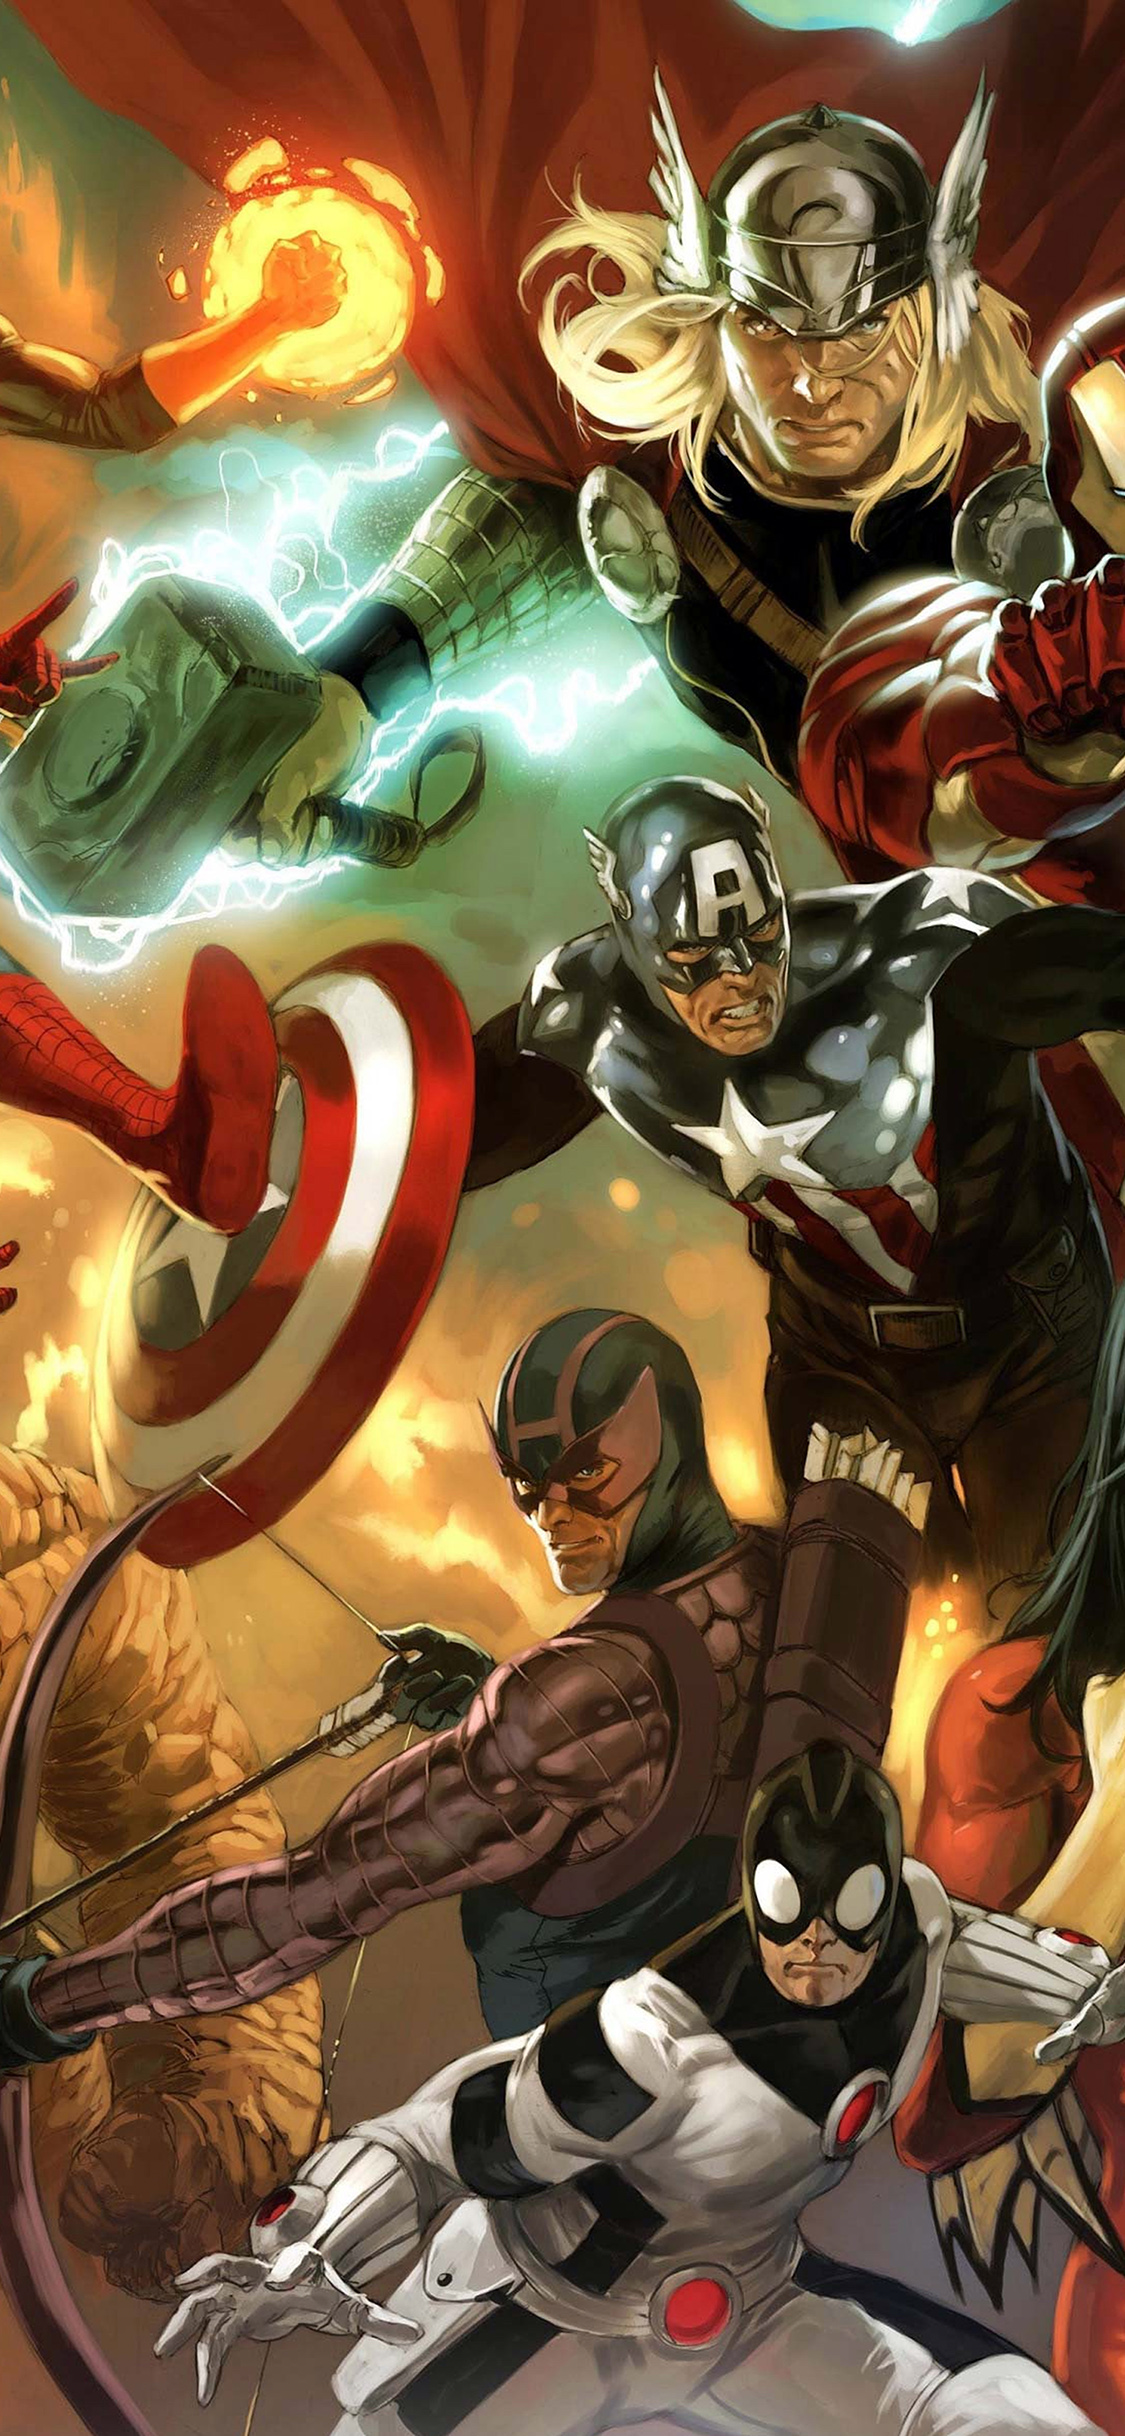 iPhoneXpapers.com-Apple-iPhone-wallpaper-al79-avengers-liiust-comics-marvel-art-hero